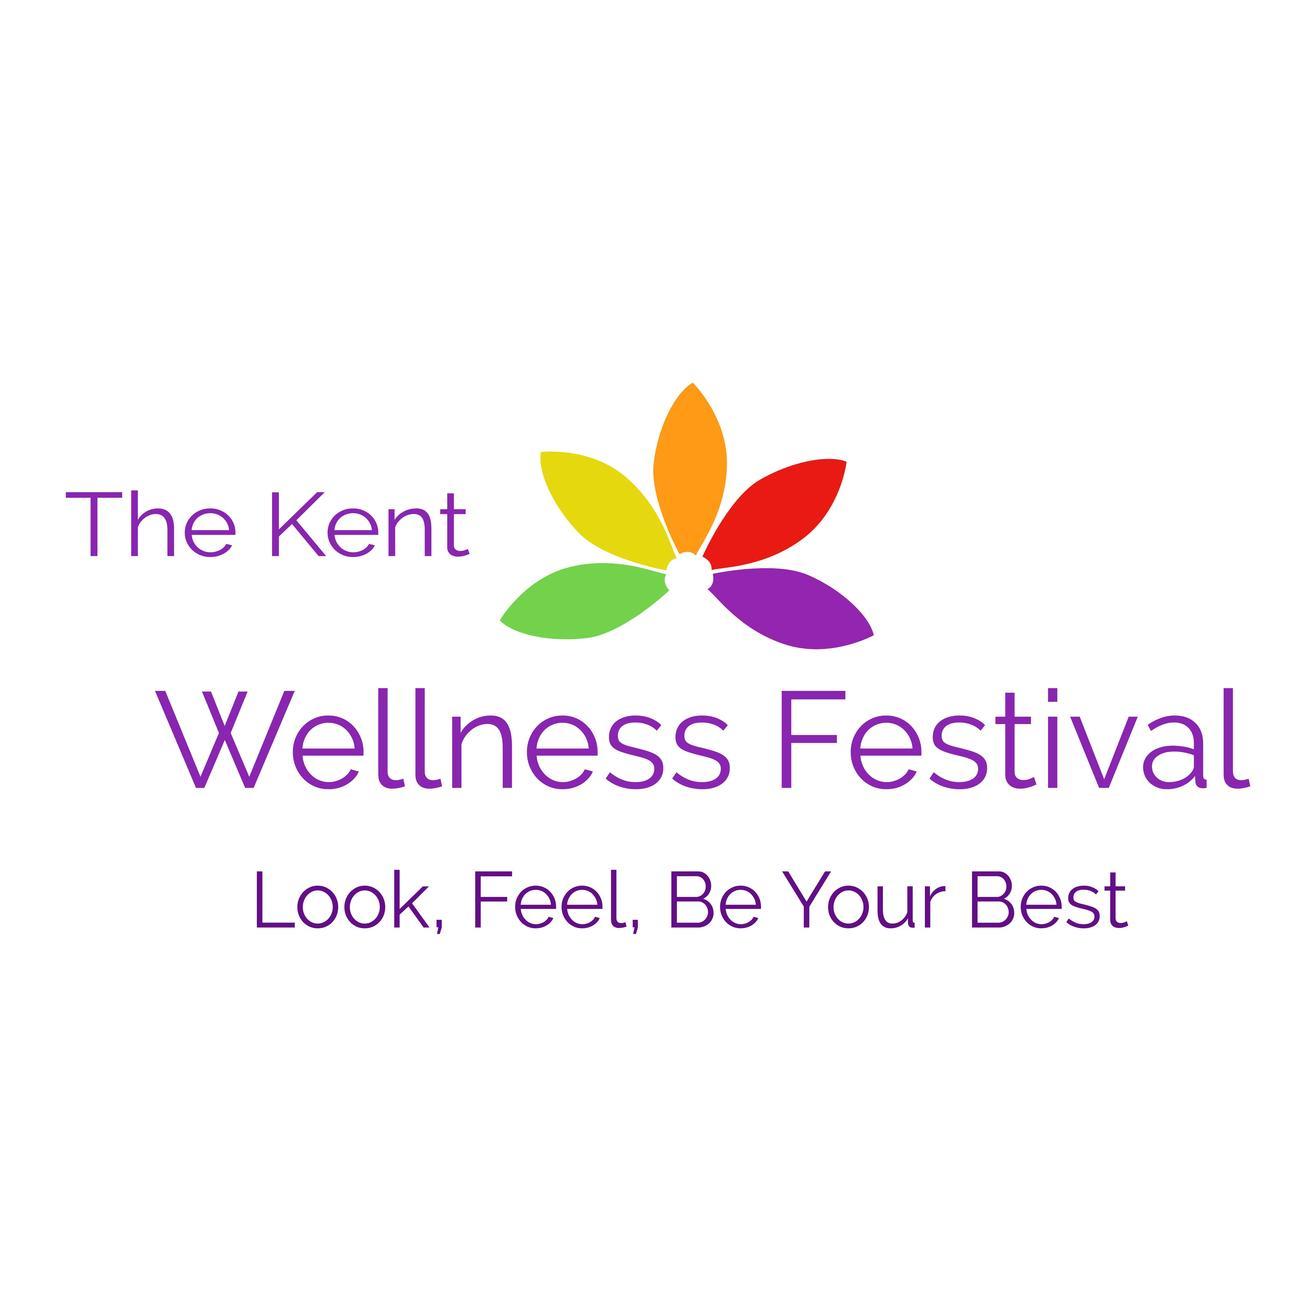 kent wellness festival.png